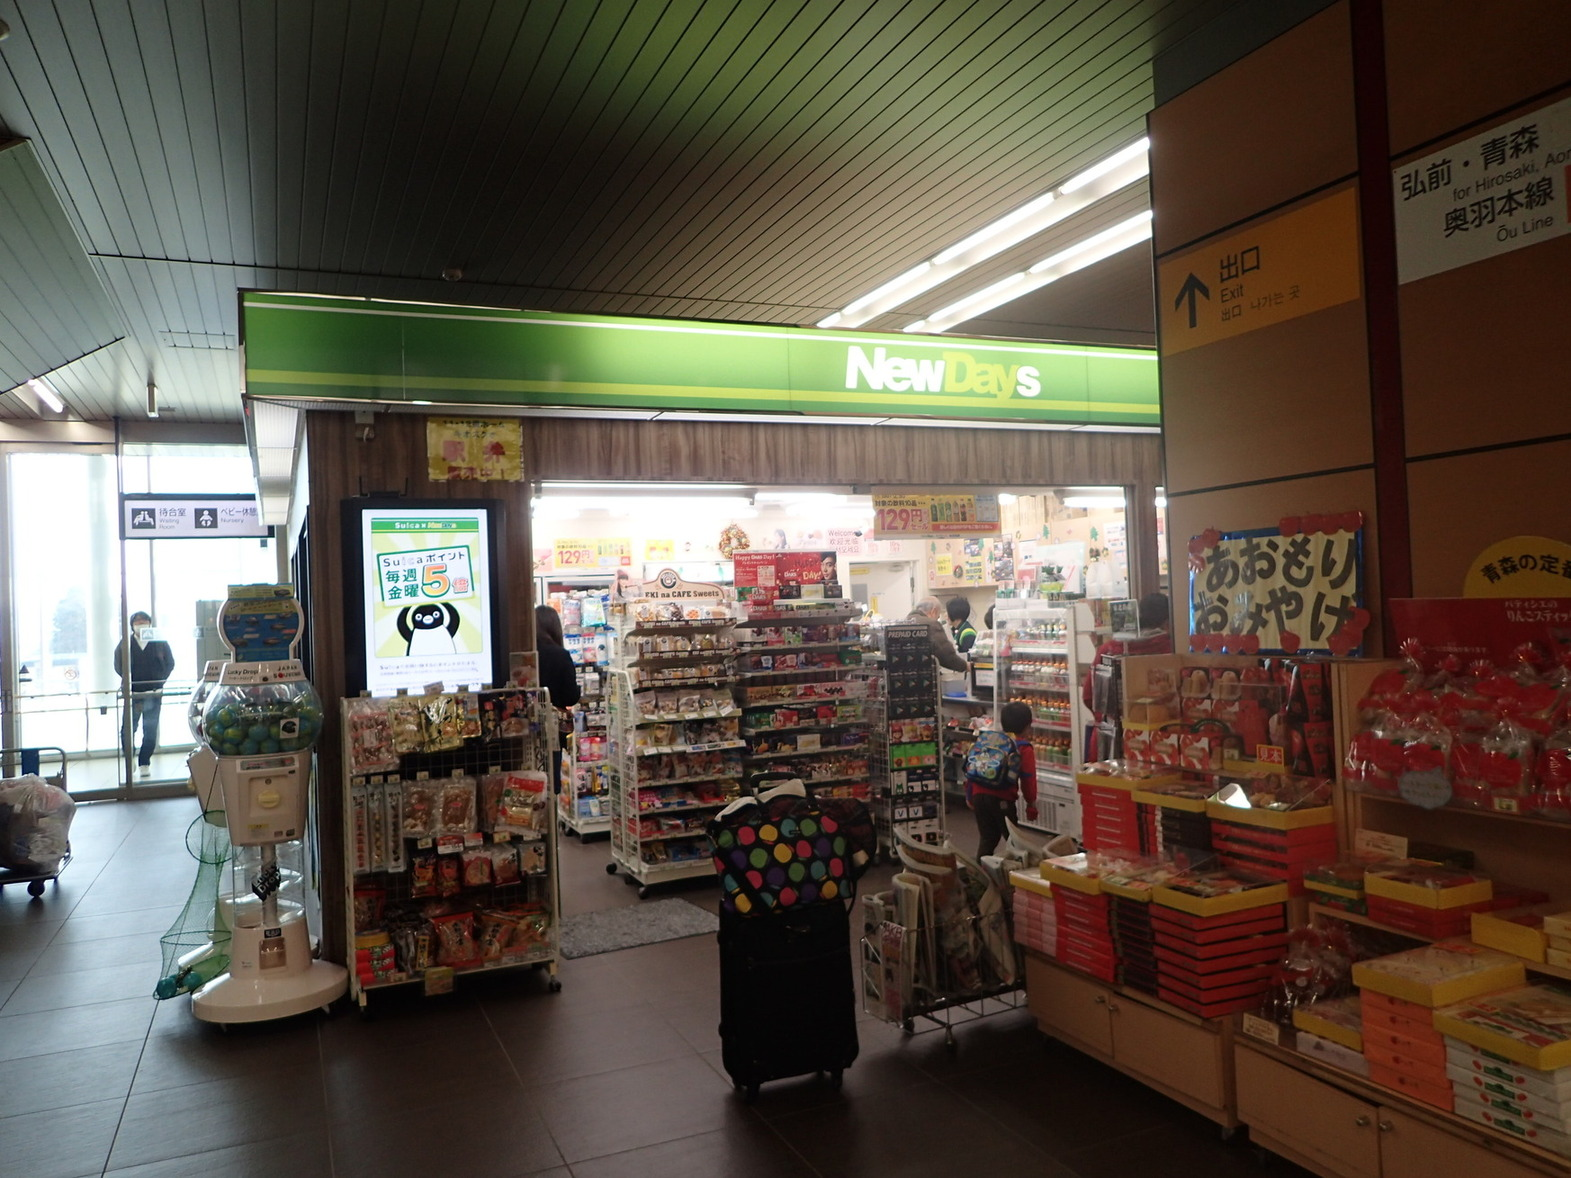 ニューデイズ 新青森幹線コンコース